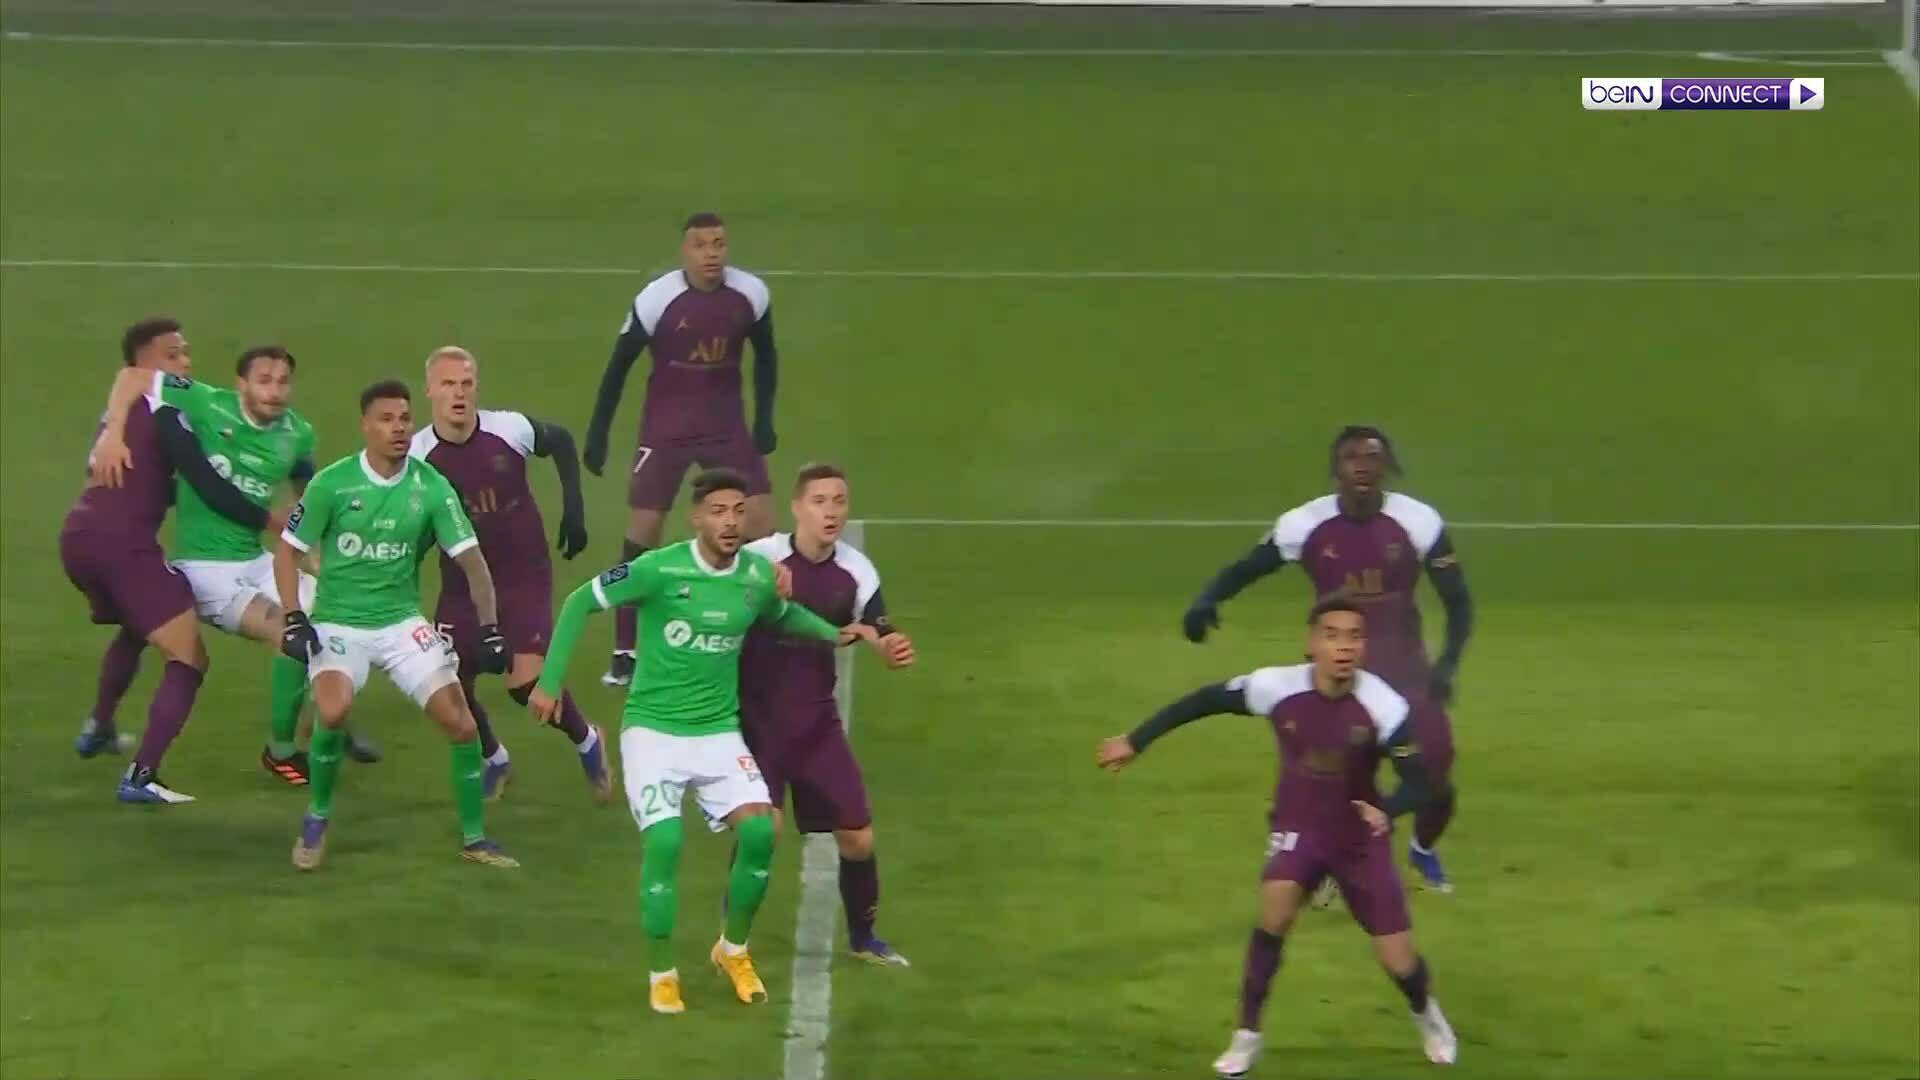 Saint-Étienne 1-1 PSG